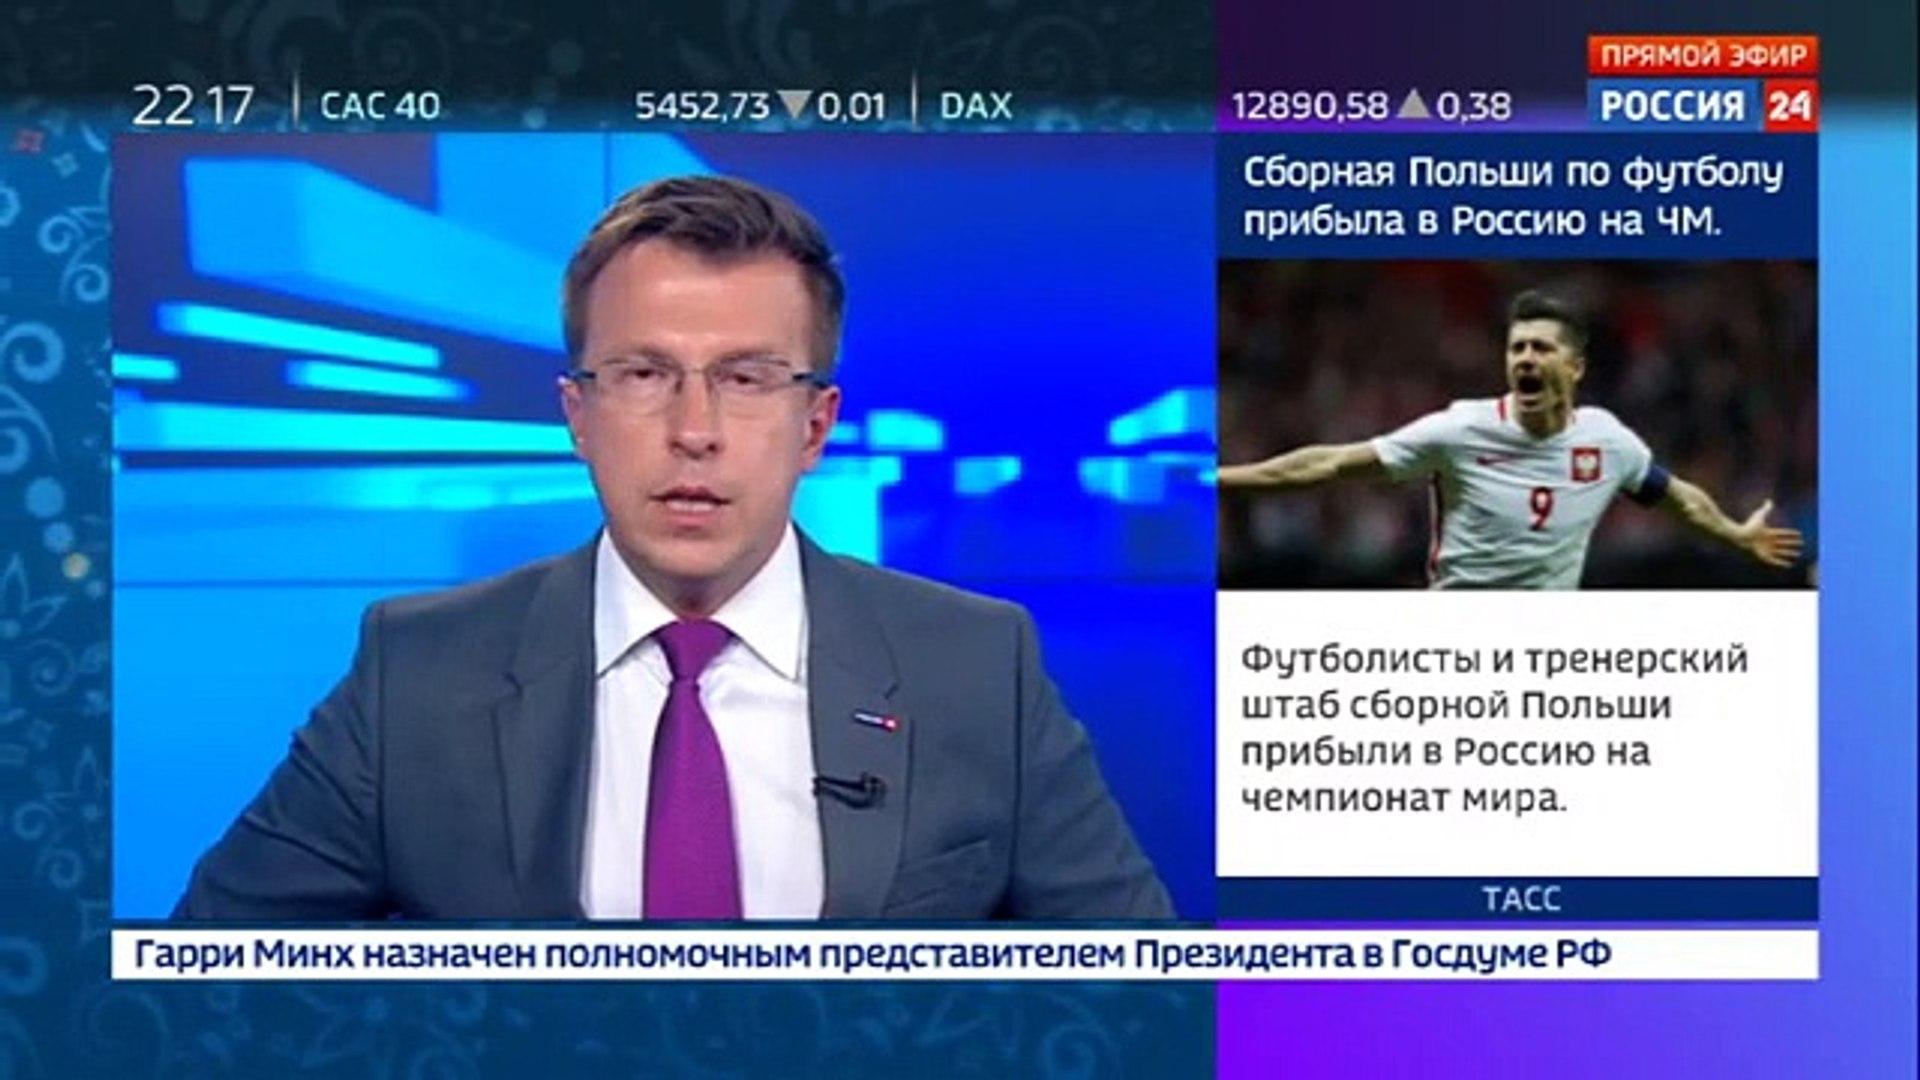 В честь чемпионата по футболу на Красной площади выступили мировые звезды